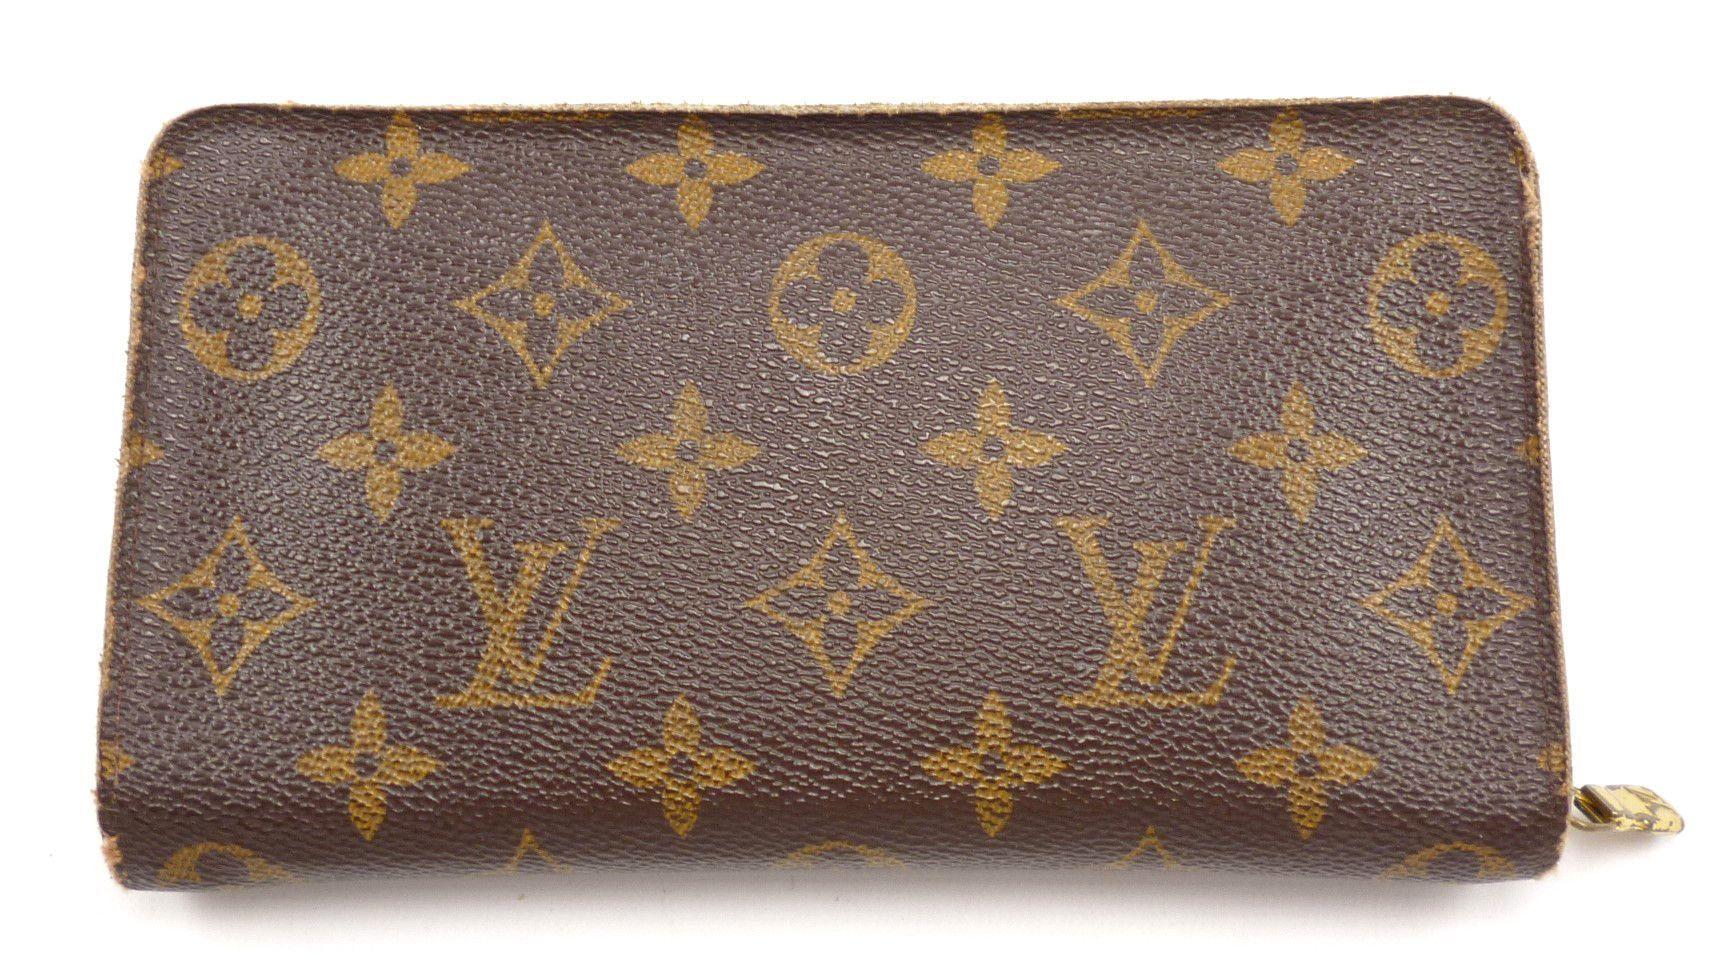 84bca2e78f1c Louis Vuitton Authentic Mens Wallet Monogram Canvas Leather Bi